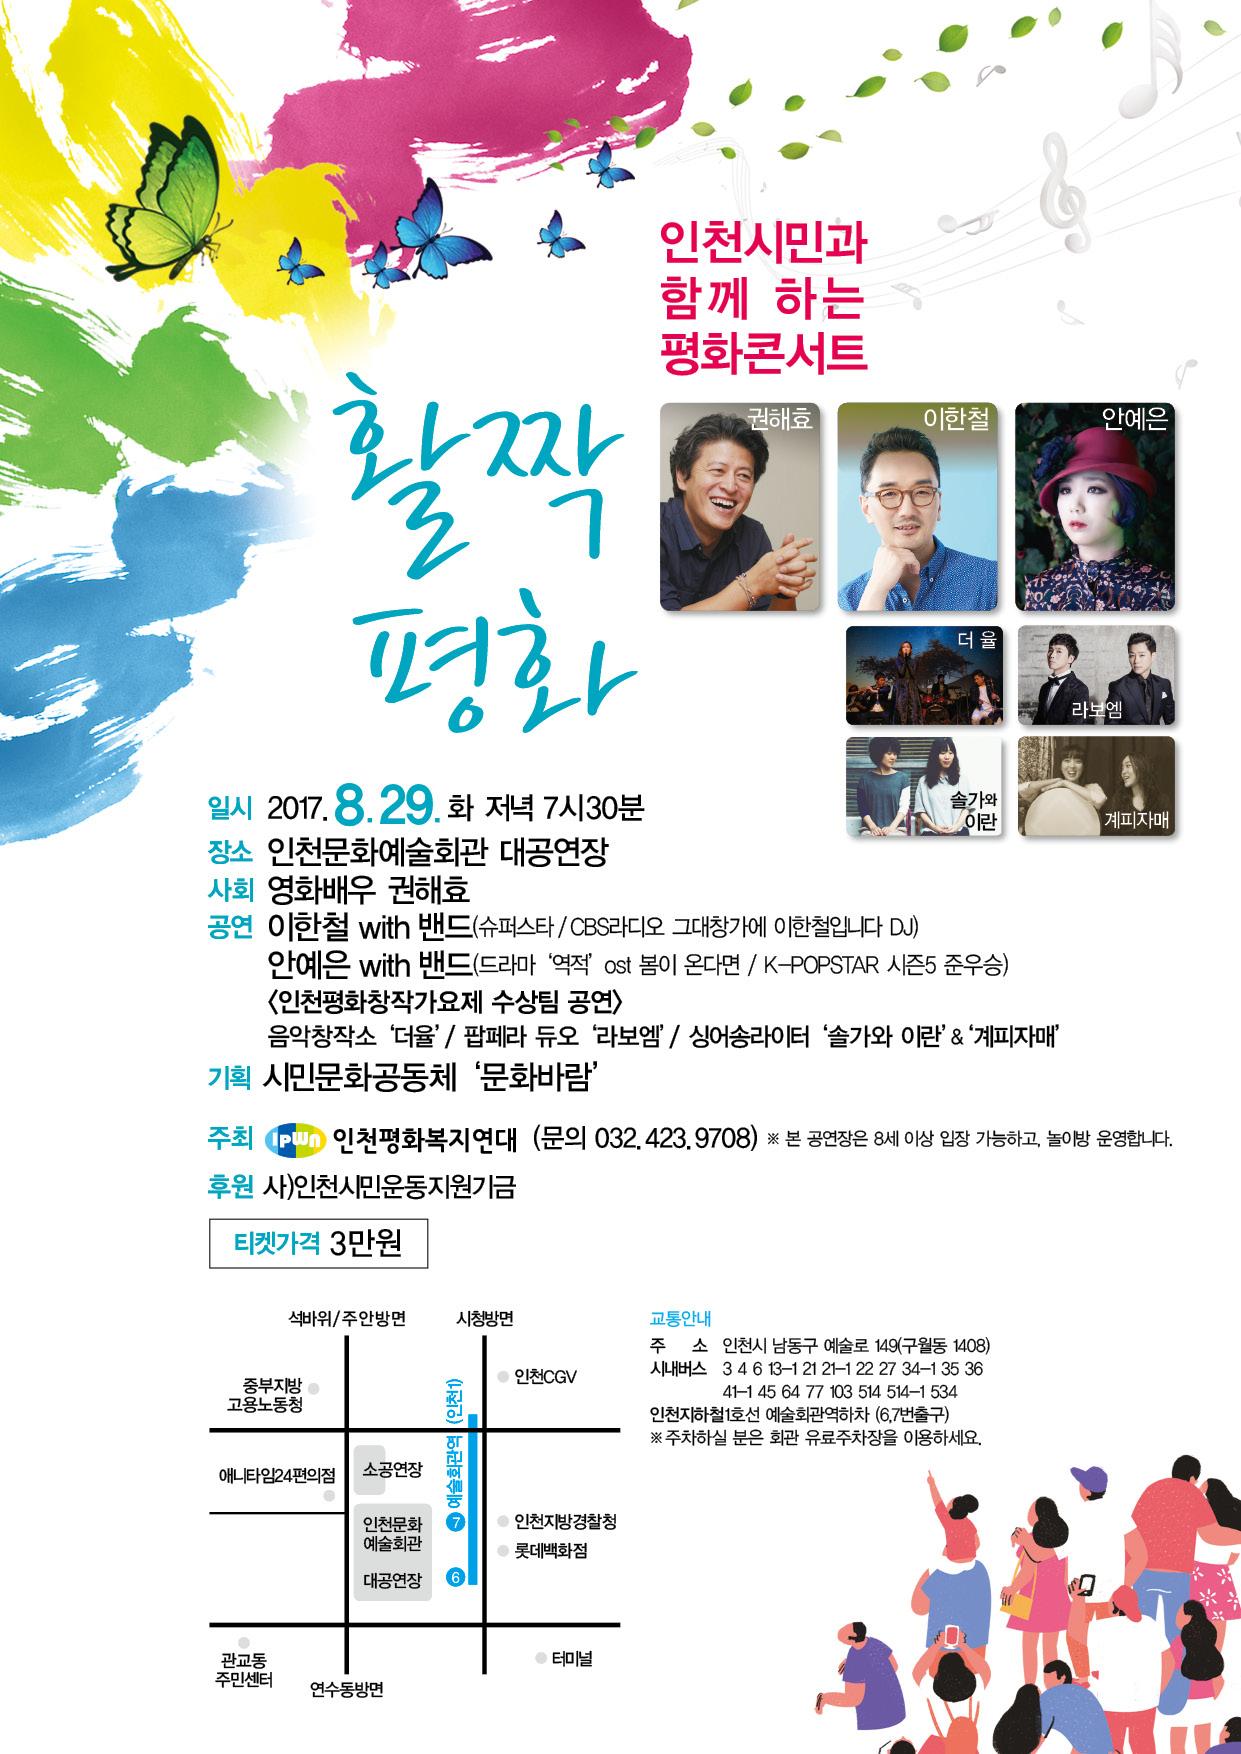 수정 2017 인천평화복지연대 후원전단.jpg